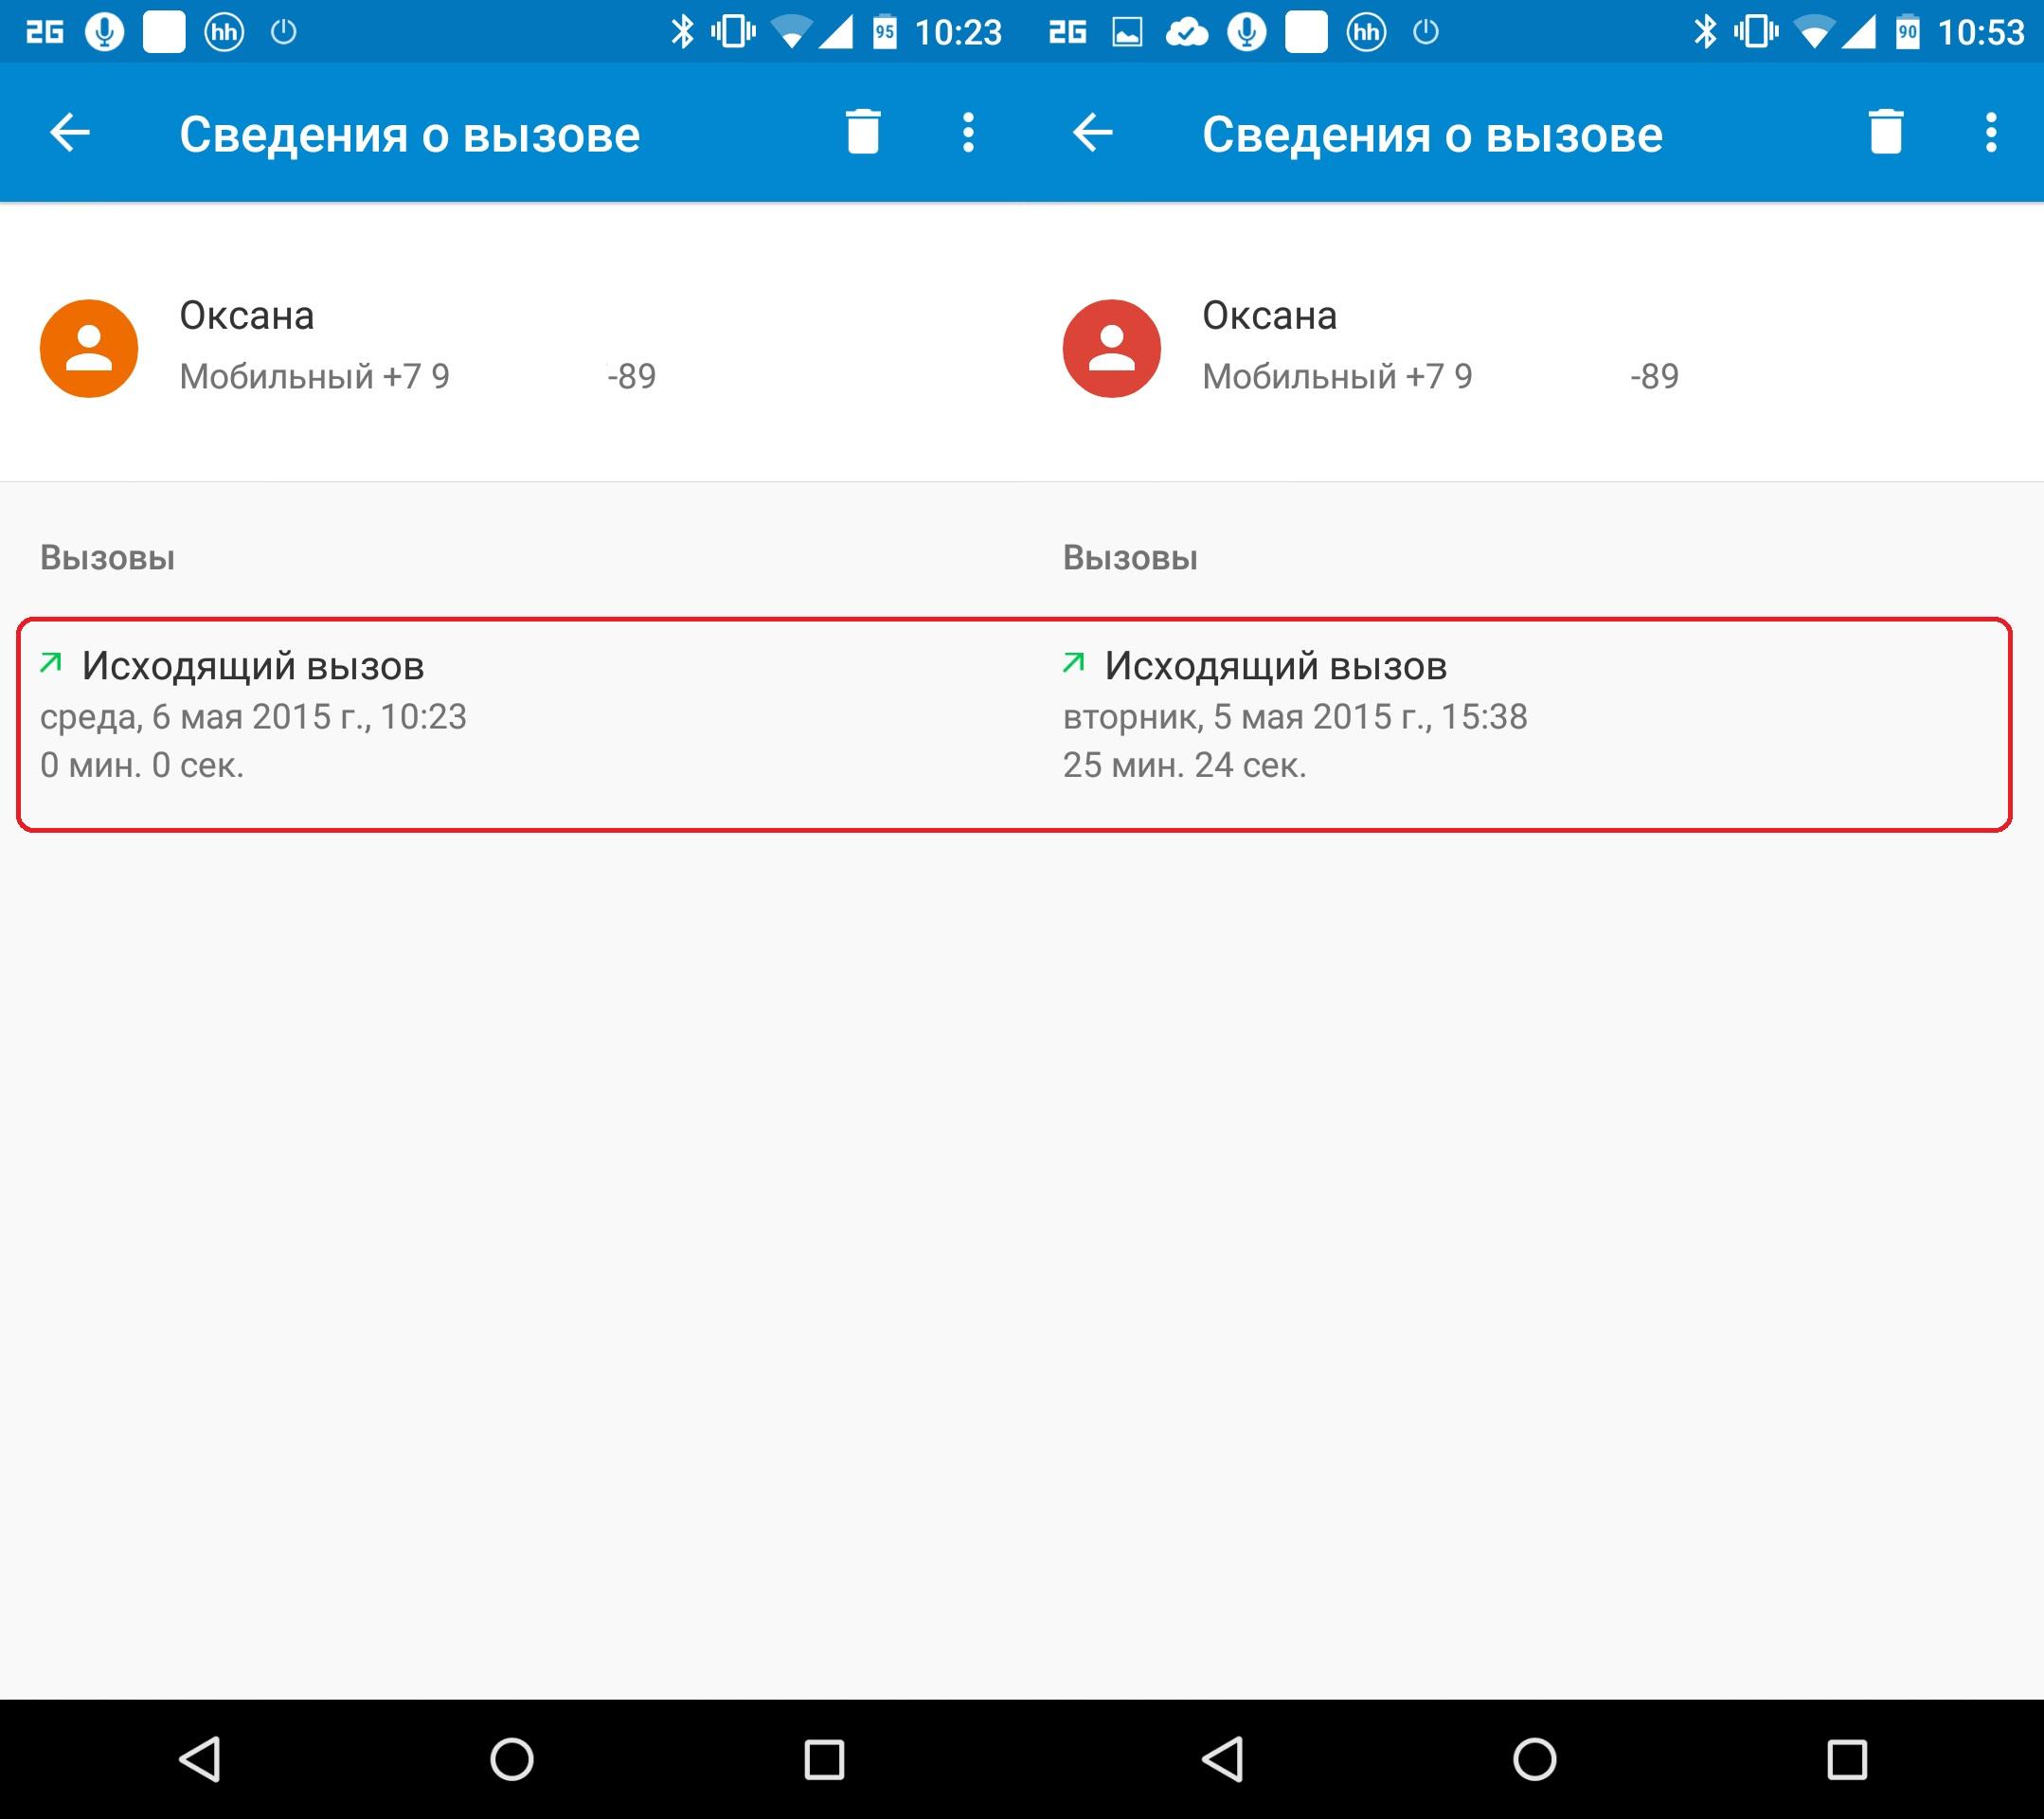 История звонков до и после изменений в contacts2.db